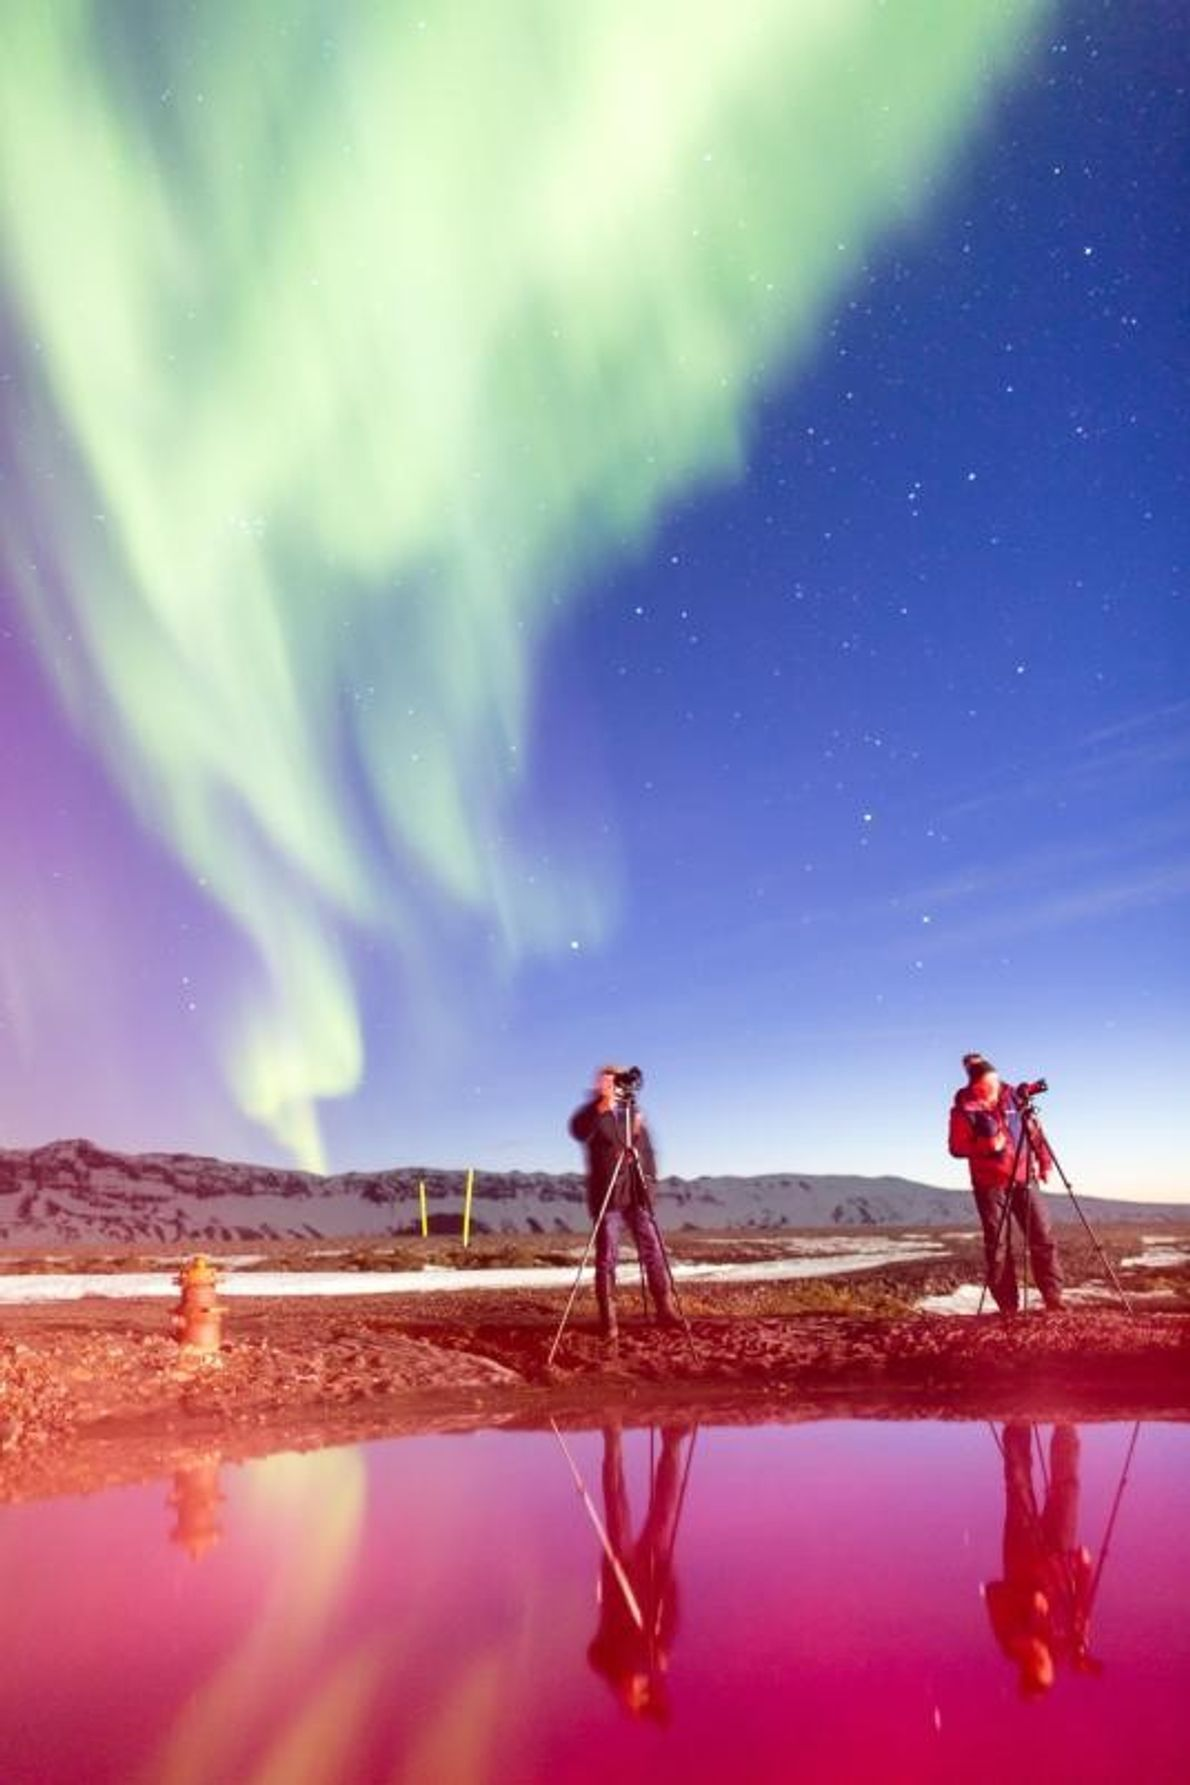 Chasseurs d'aurore nocturnes, Gaukur Hjartarson est ingénieur civil tandis que son frère Hreinn Hjartarson est chef ...